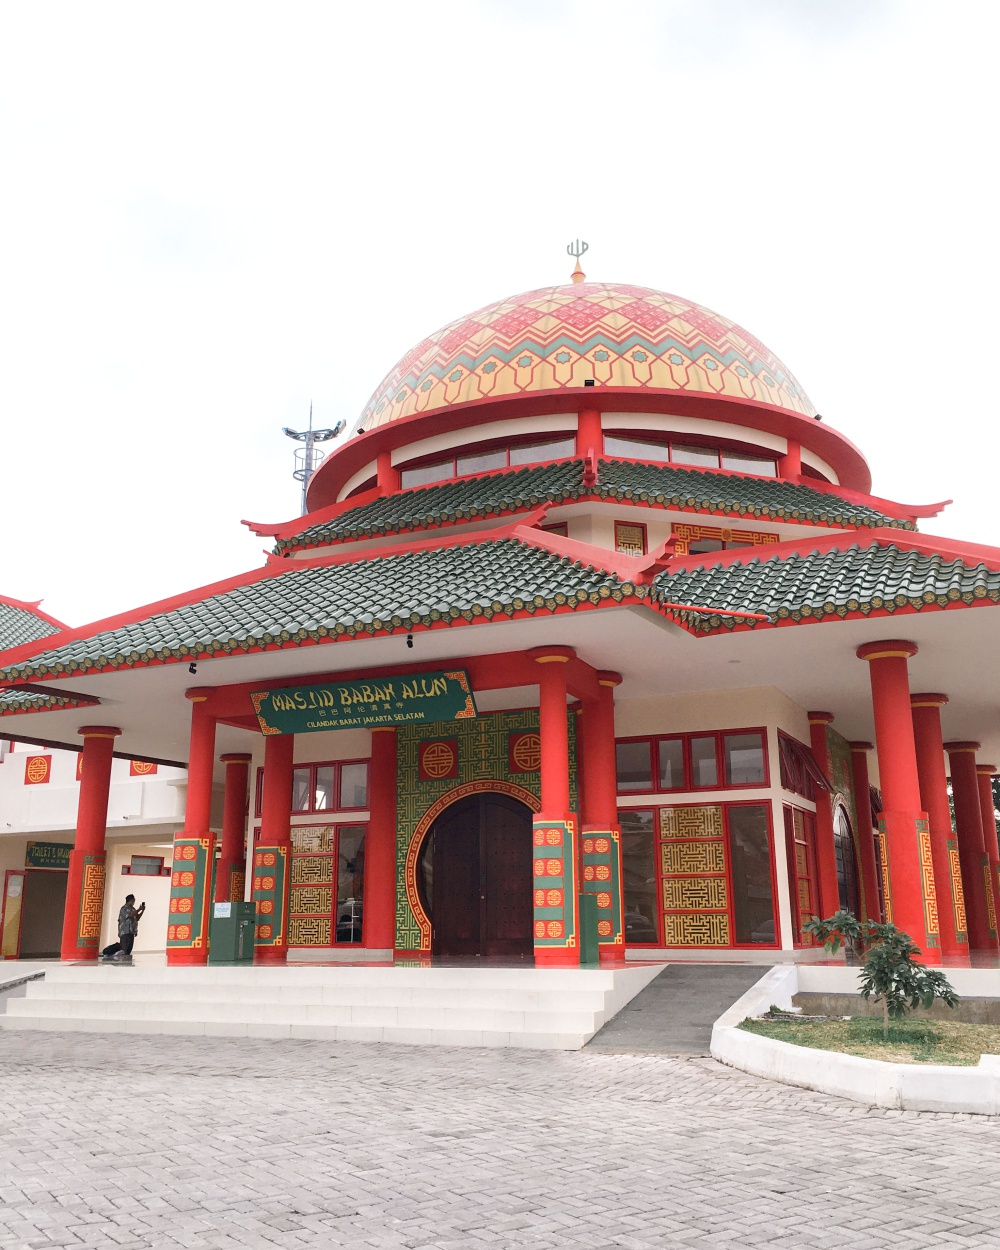 Masjid Babah Alun Desari